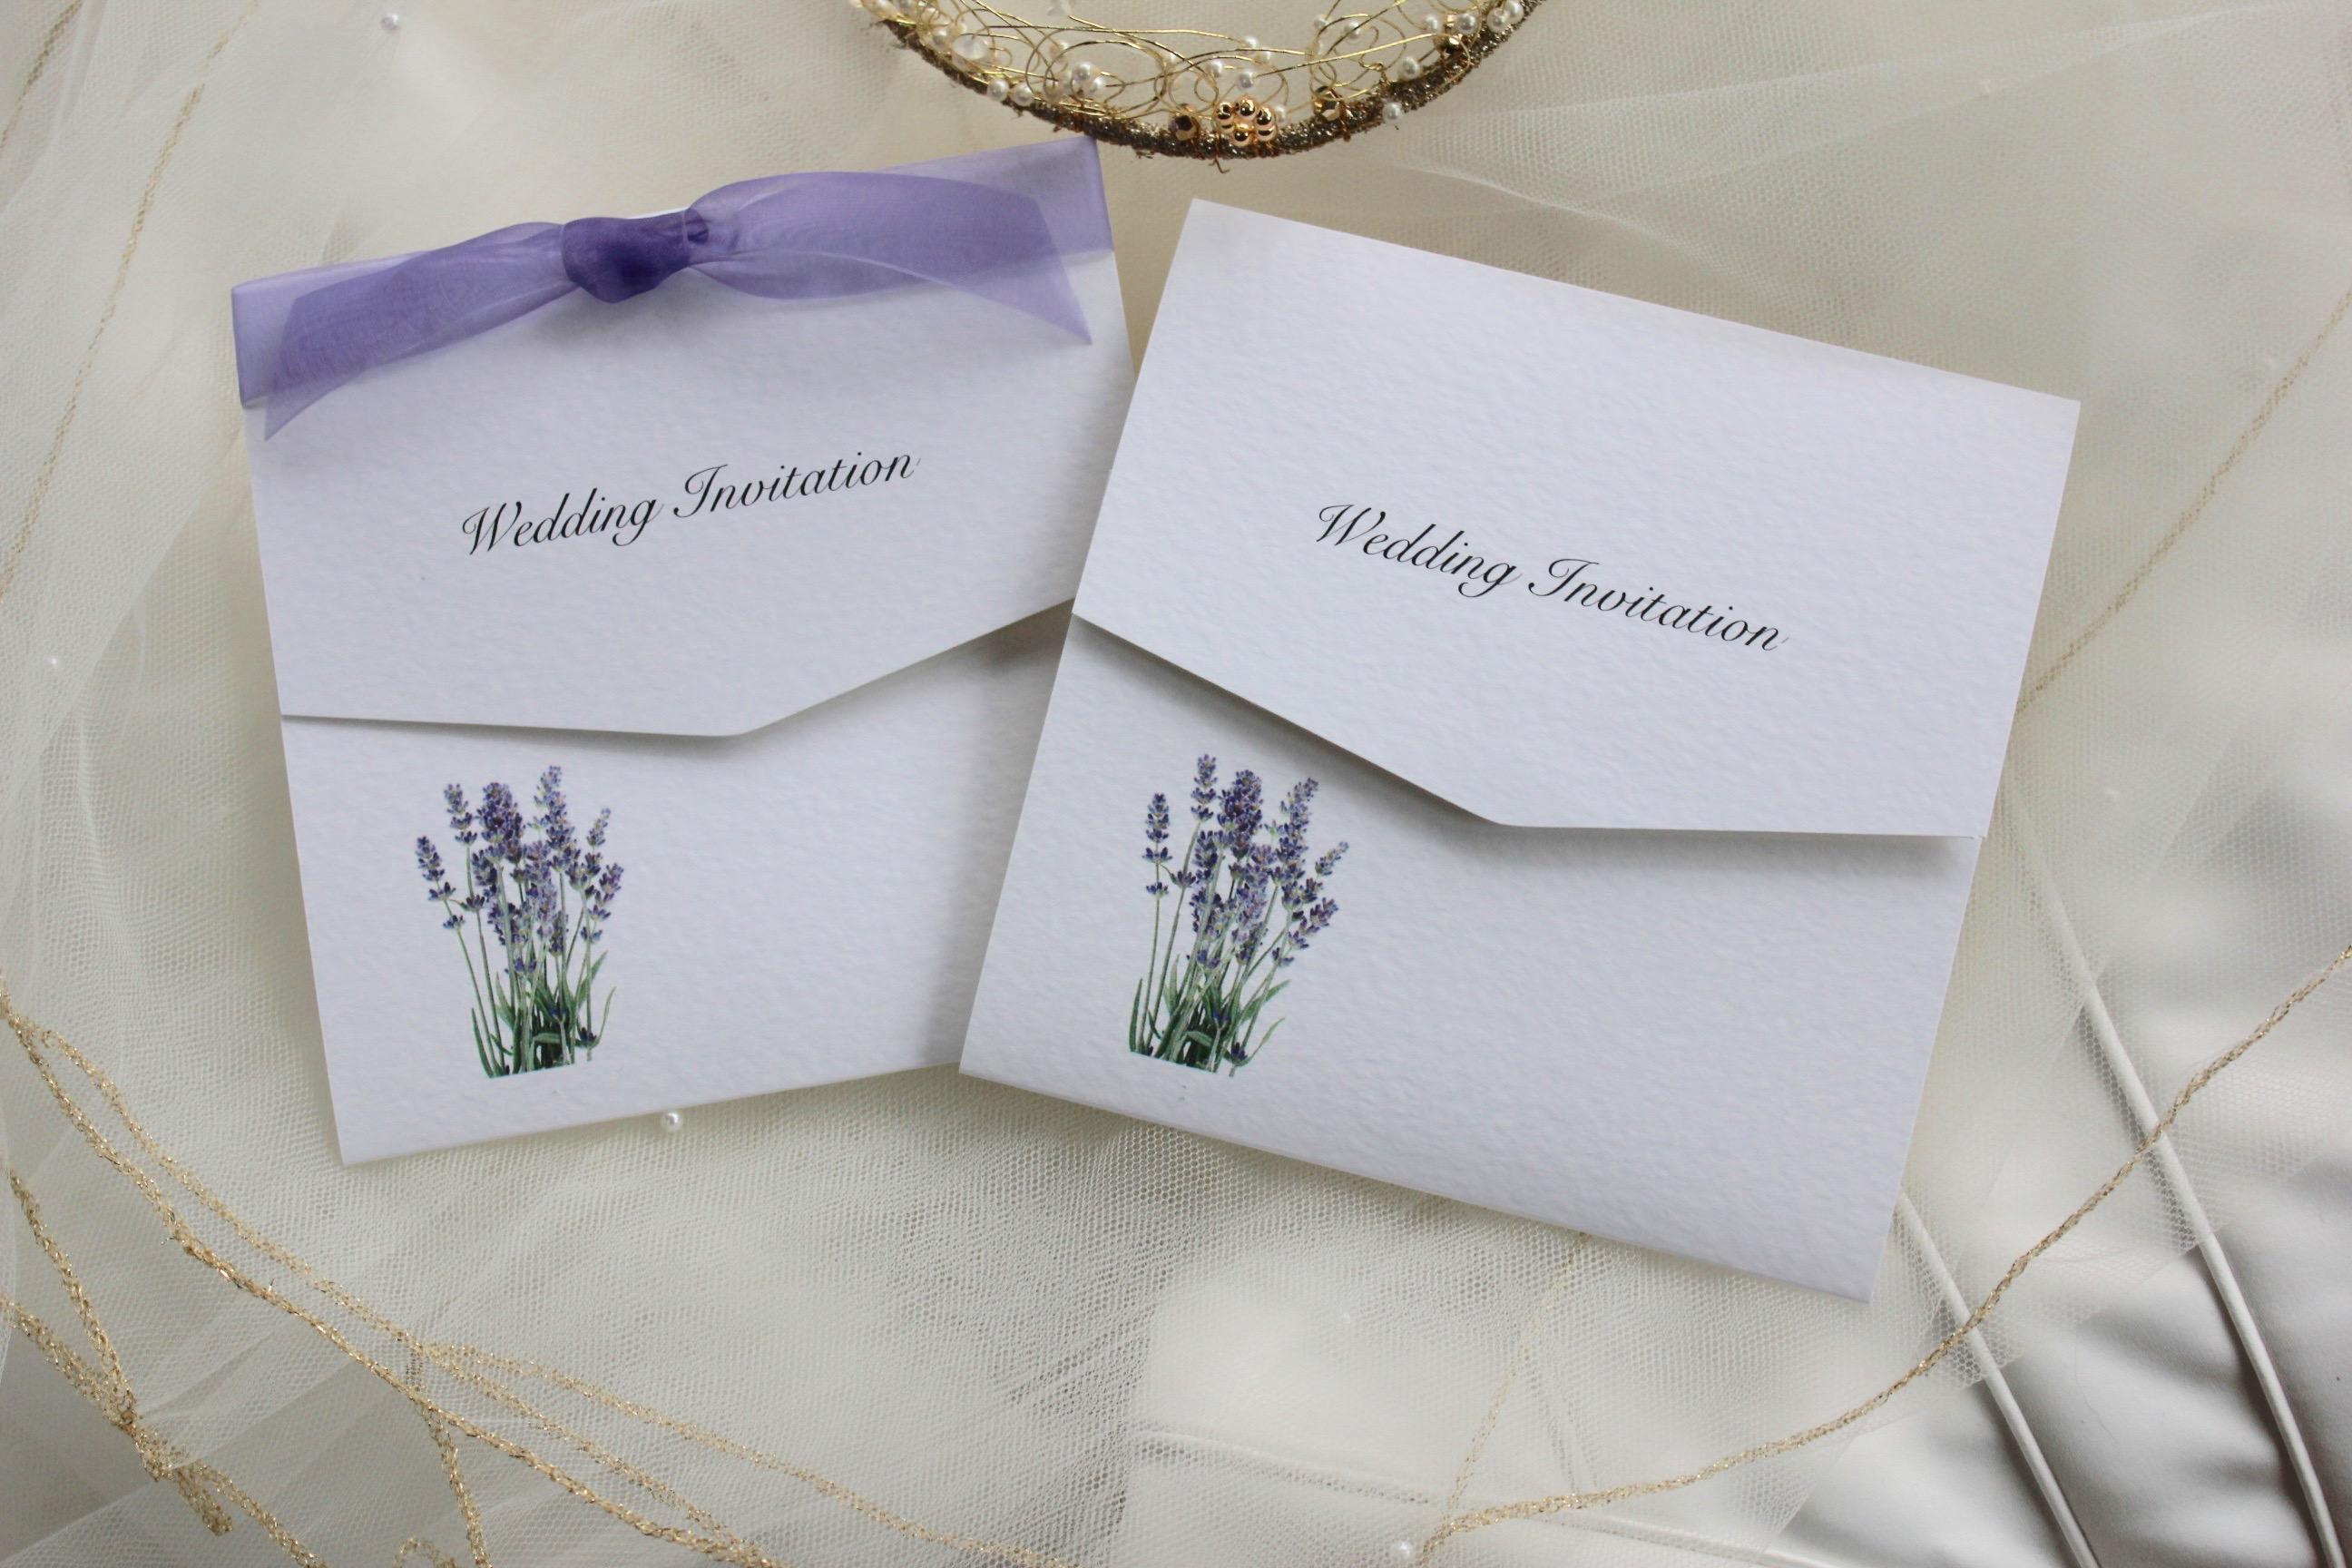 Lavender tri fold wedding invitations wedding invites for Printable folded wedding invitations